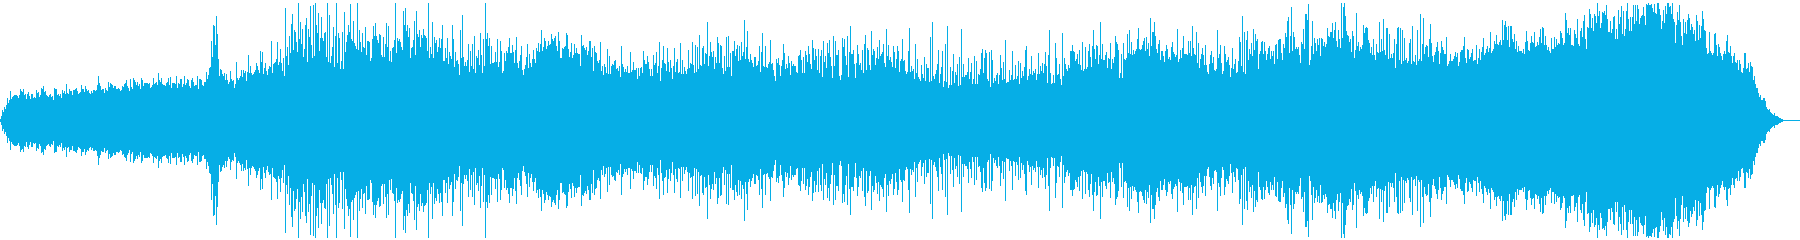 壮大で神秘的な広がりのあるアンビエントの再生済みの波形